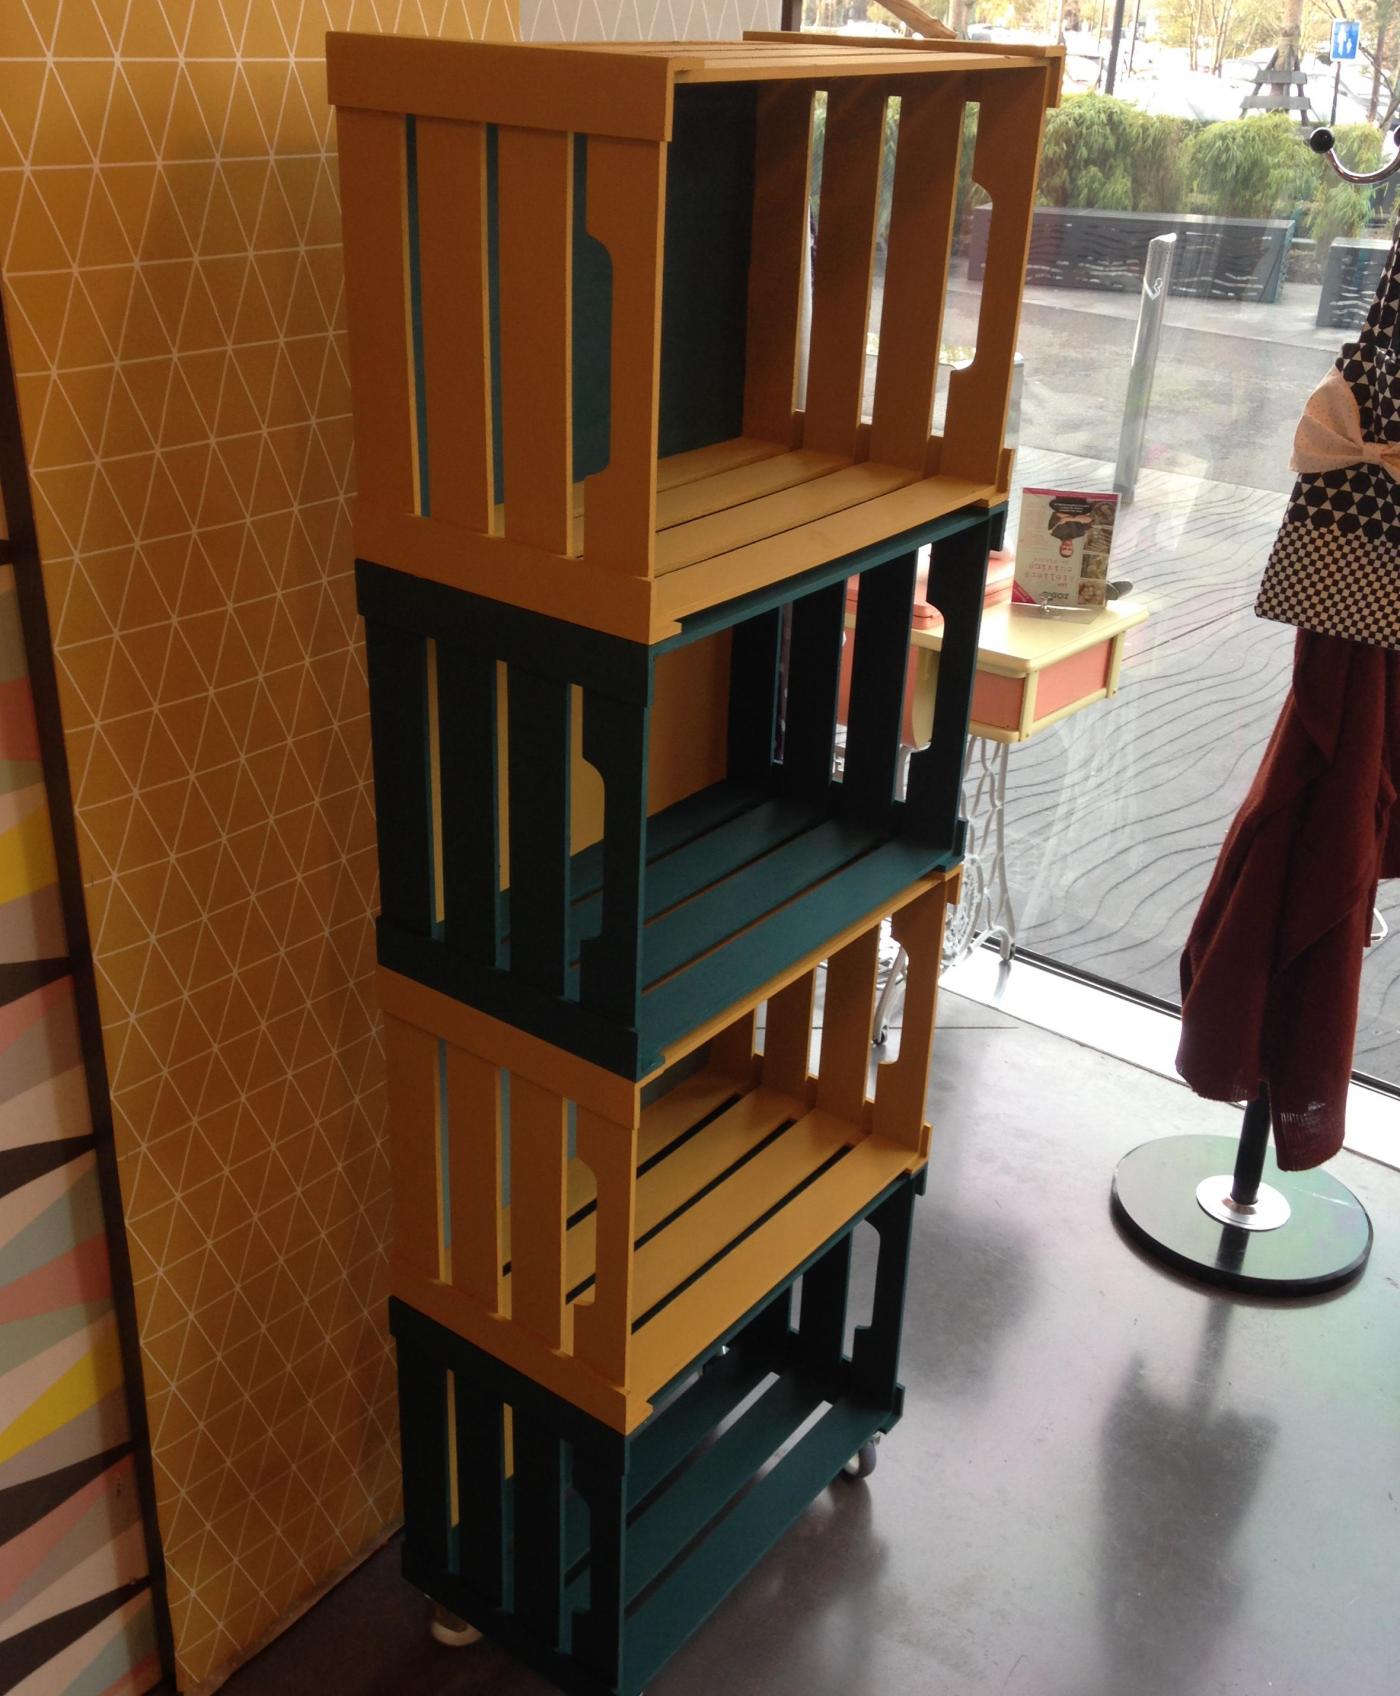 j 39 ai test pour vous l 39 atelier d co tag res 4 caisses blog z dio. Black Bedroom Furniture Sets. Home Design Ideas